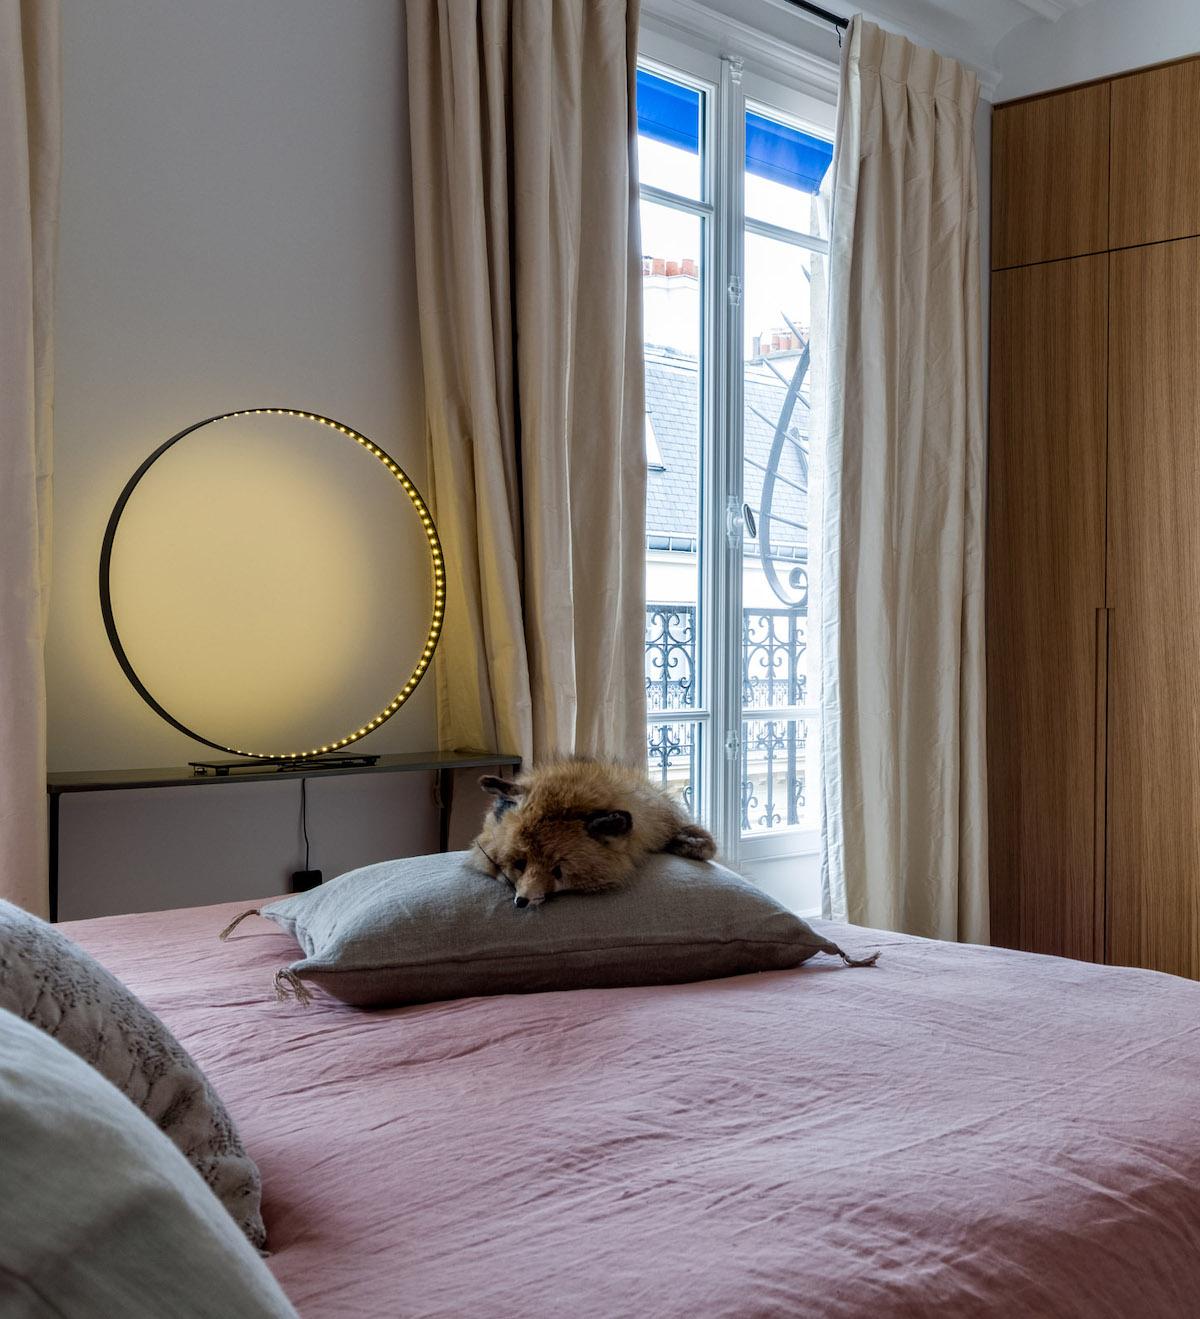 décoration bohème chic chambre parentale lampe cercle design tendance moderne lit rose - blog déco - clem around the corner